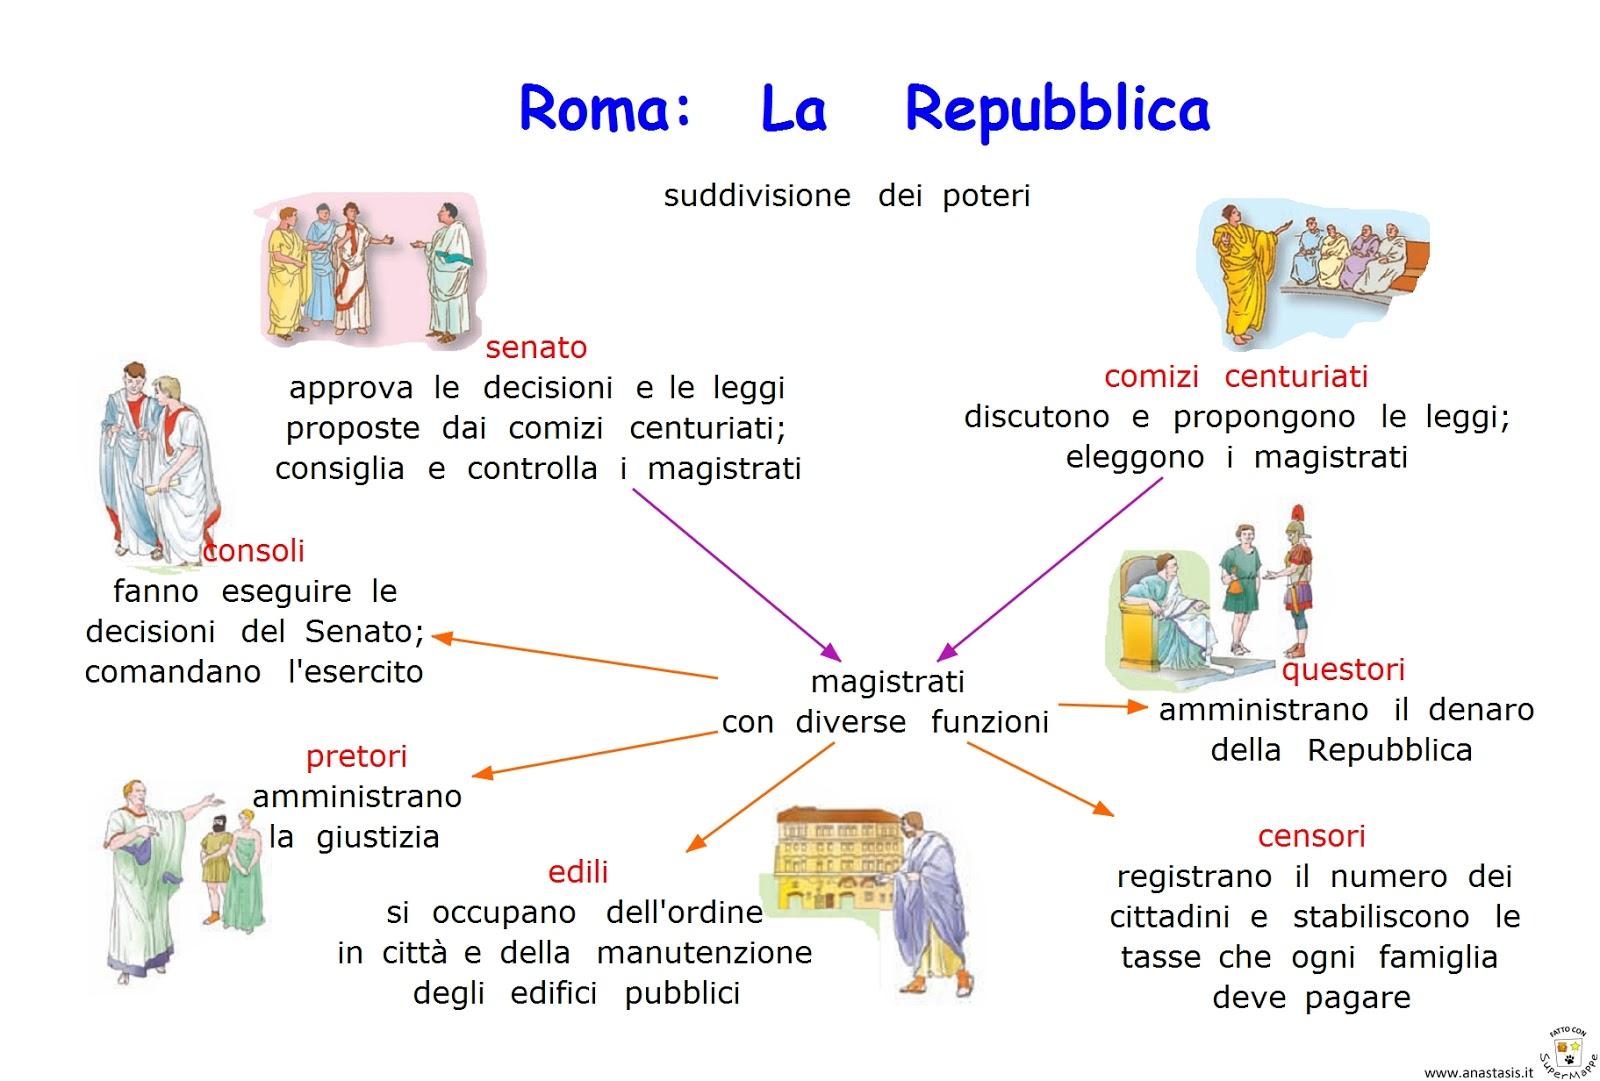 Paradiso delle mappe roma la repubblica suddivisione poteri for Home page repubblica